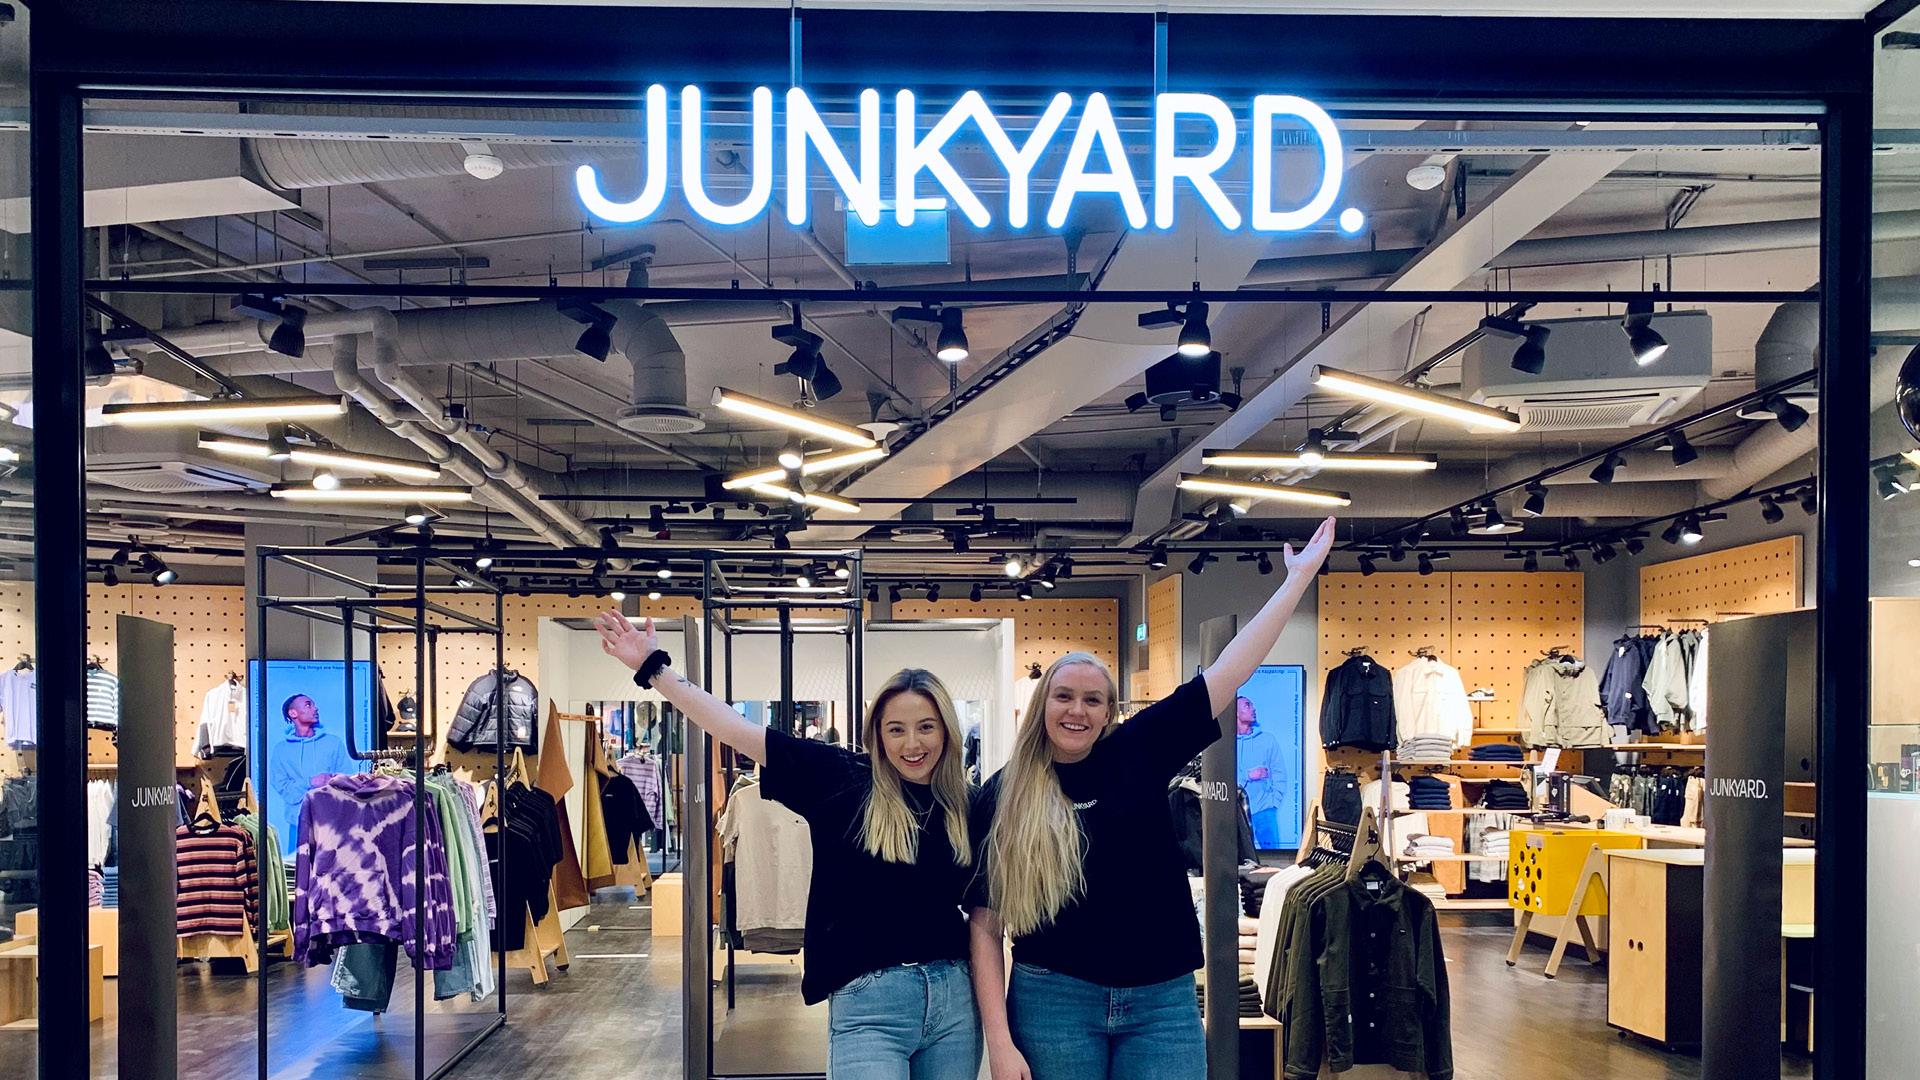 Bilde av to ansatte foran Junkyard butikken